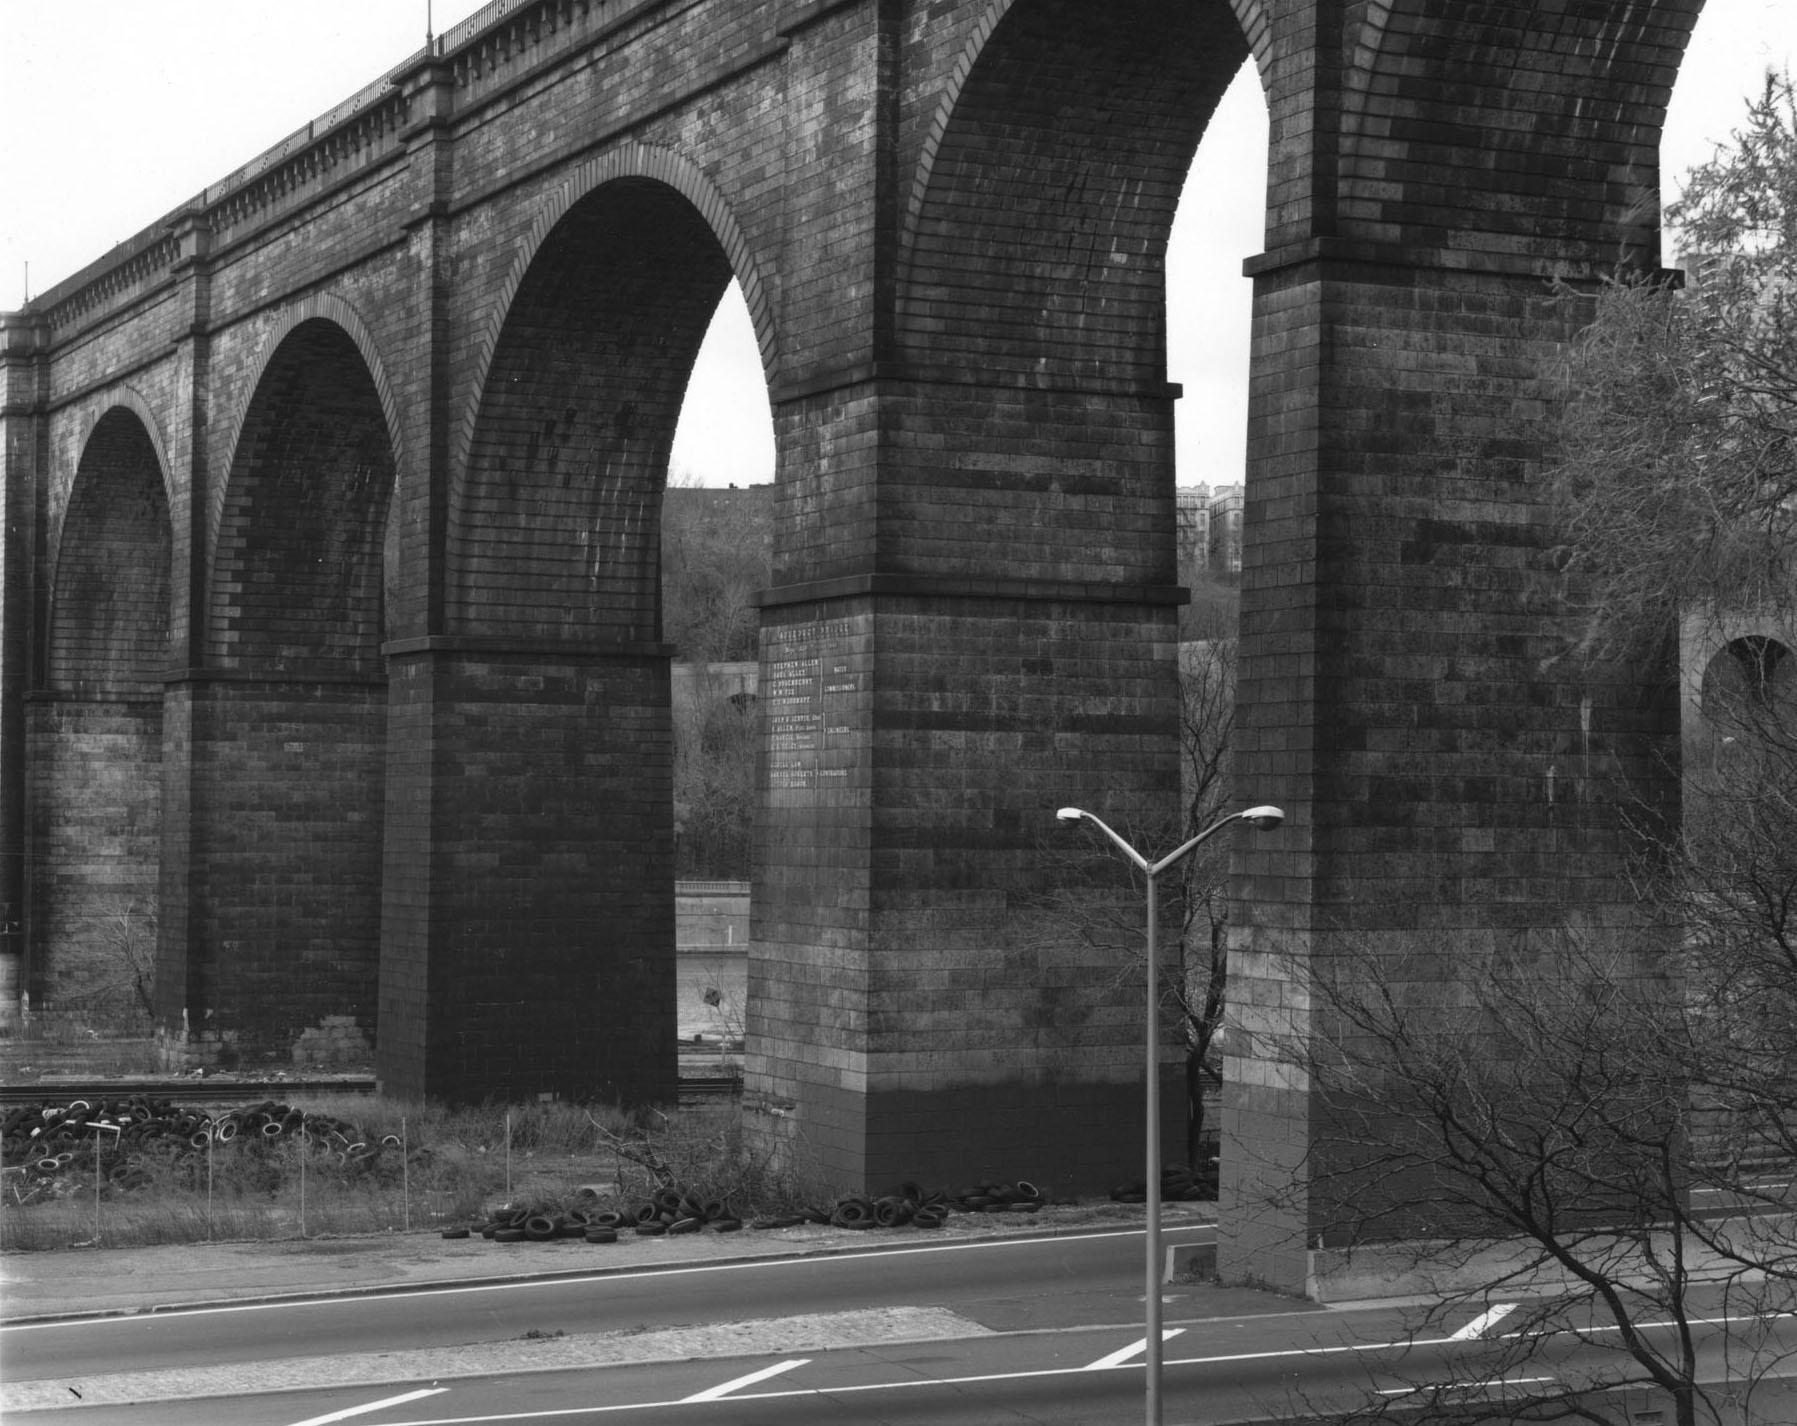 High Bridge, Bronx, New York,